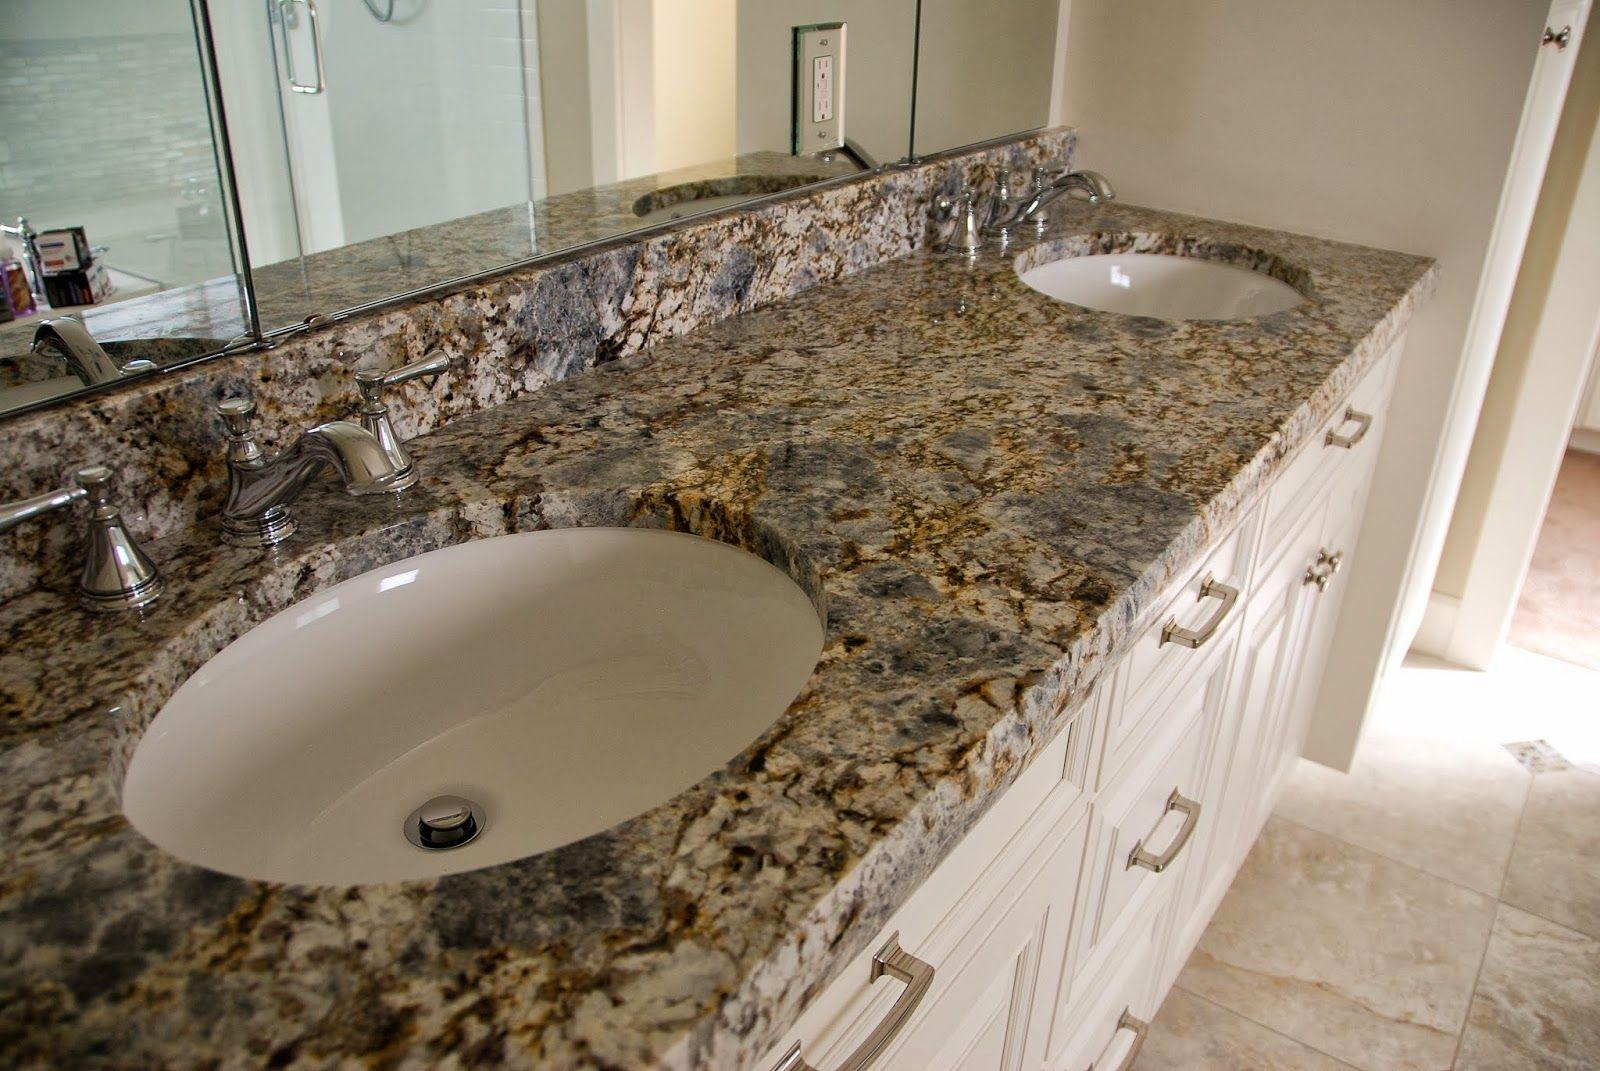 Dark Brown Undermount Single Basin Kitchen Sink Installed Images